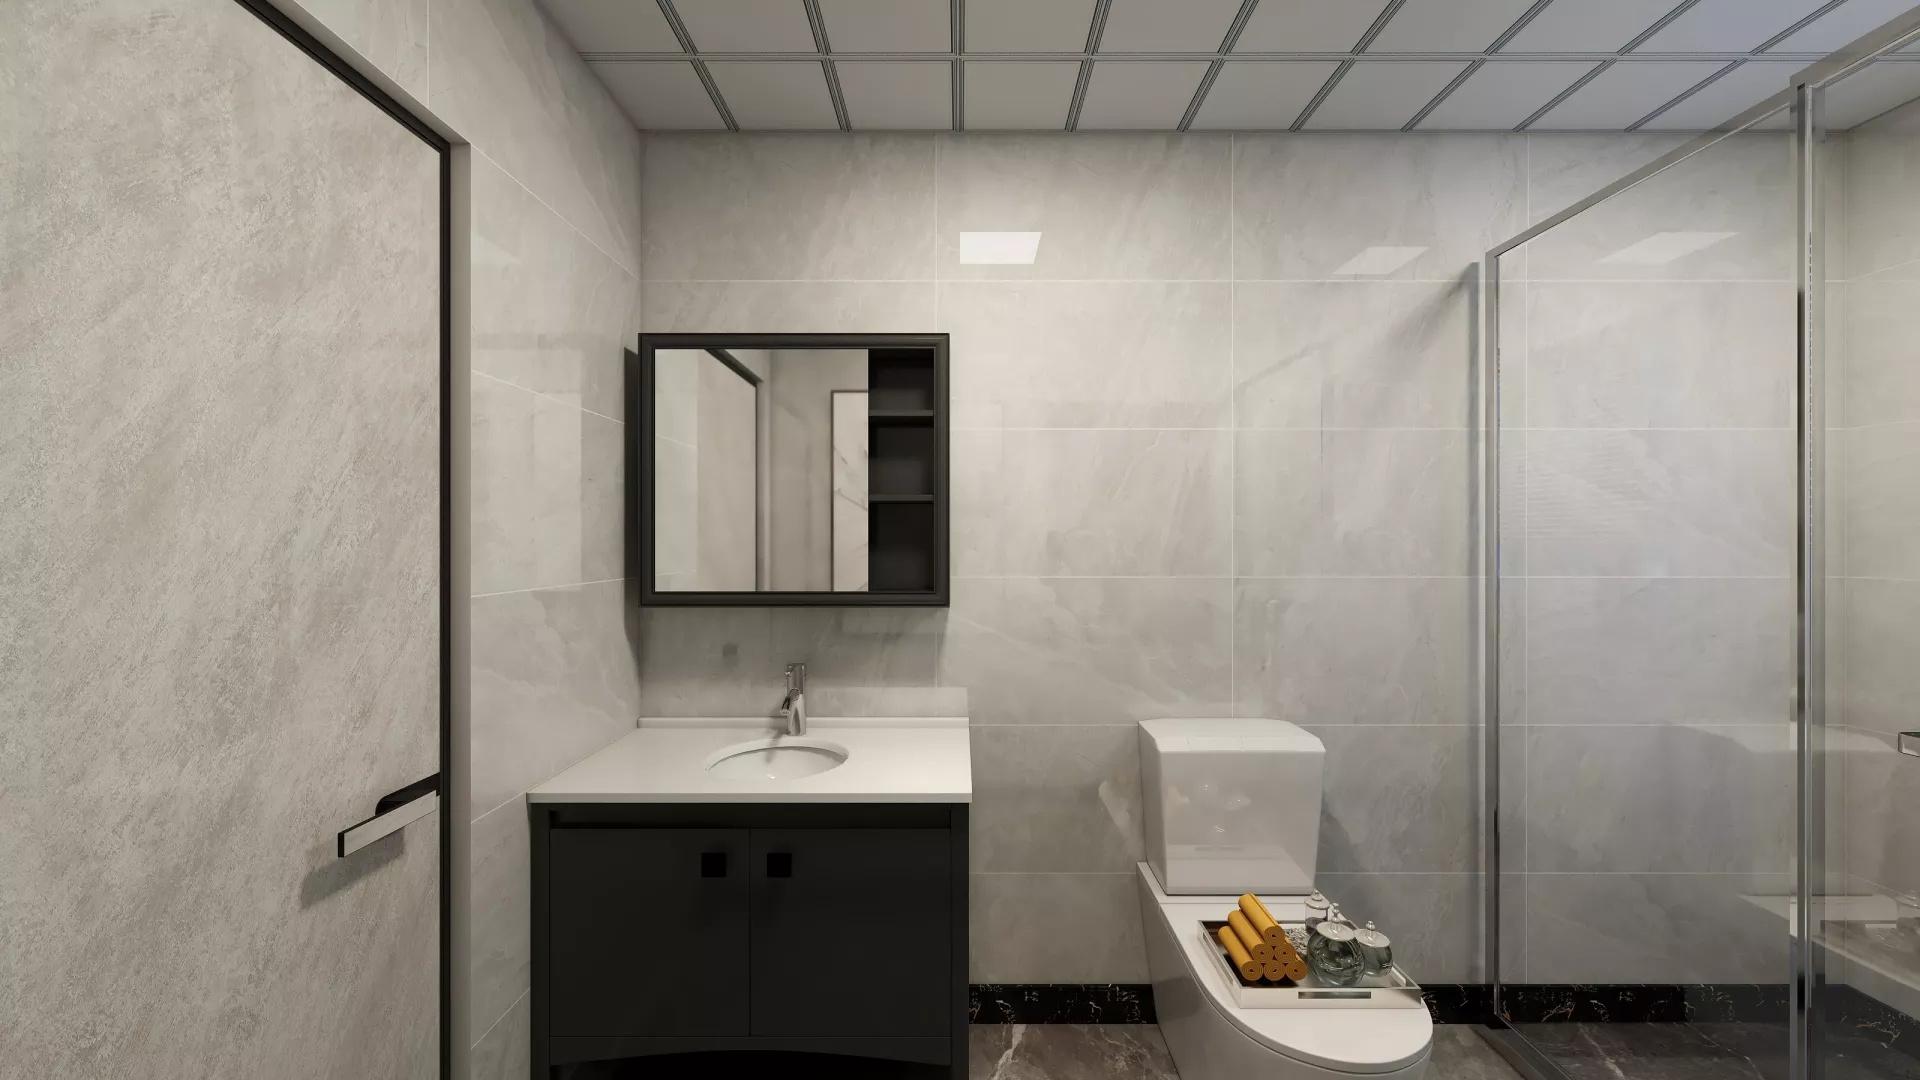 卫生间隔断墙风水禁忌有哪些?